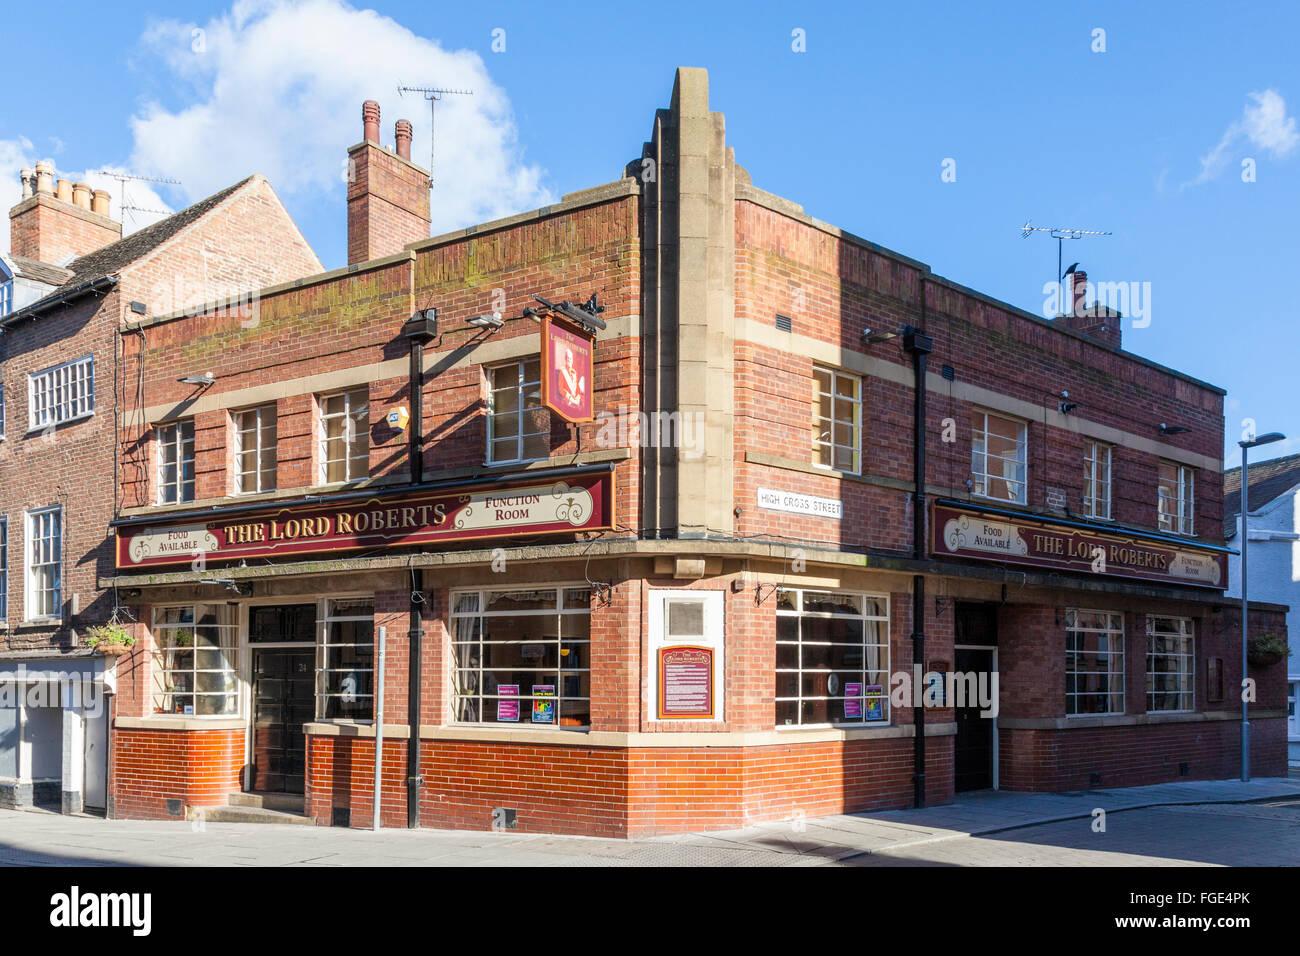 Lord Roberts pub, Nottingham, England, UK - Stock Image